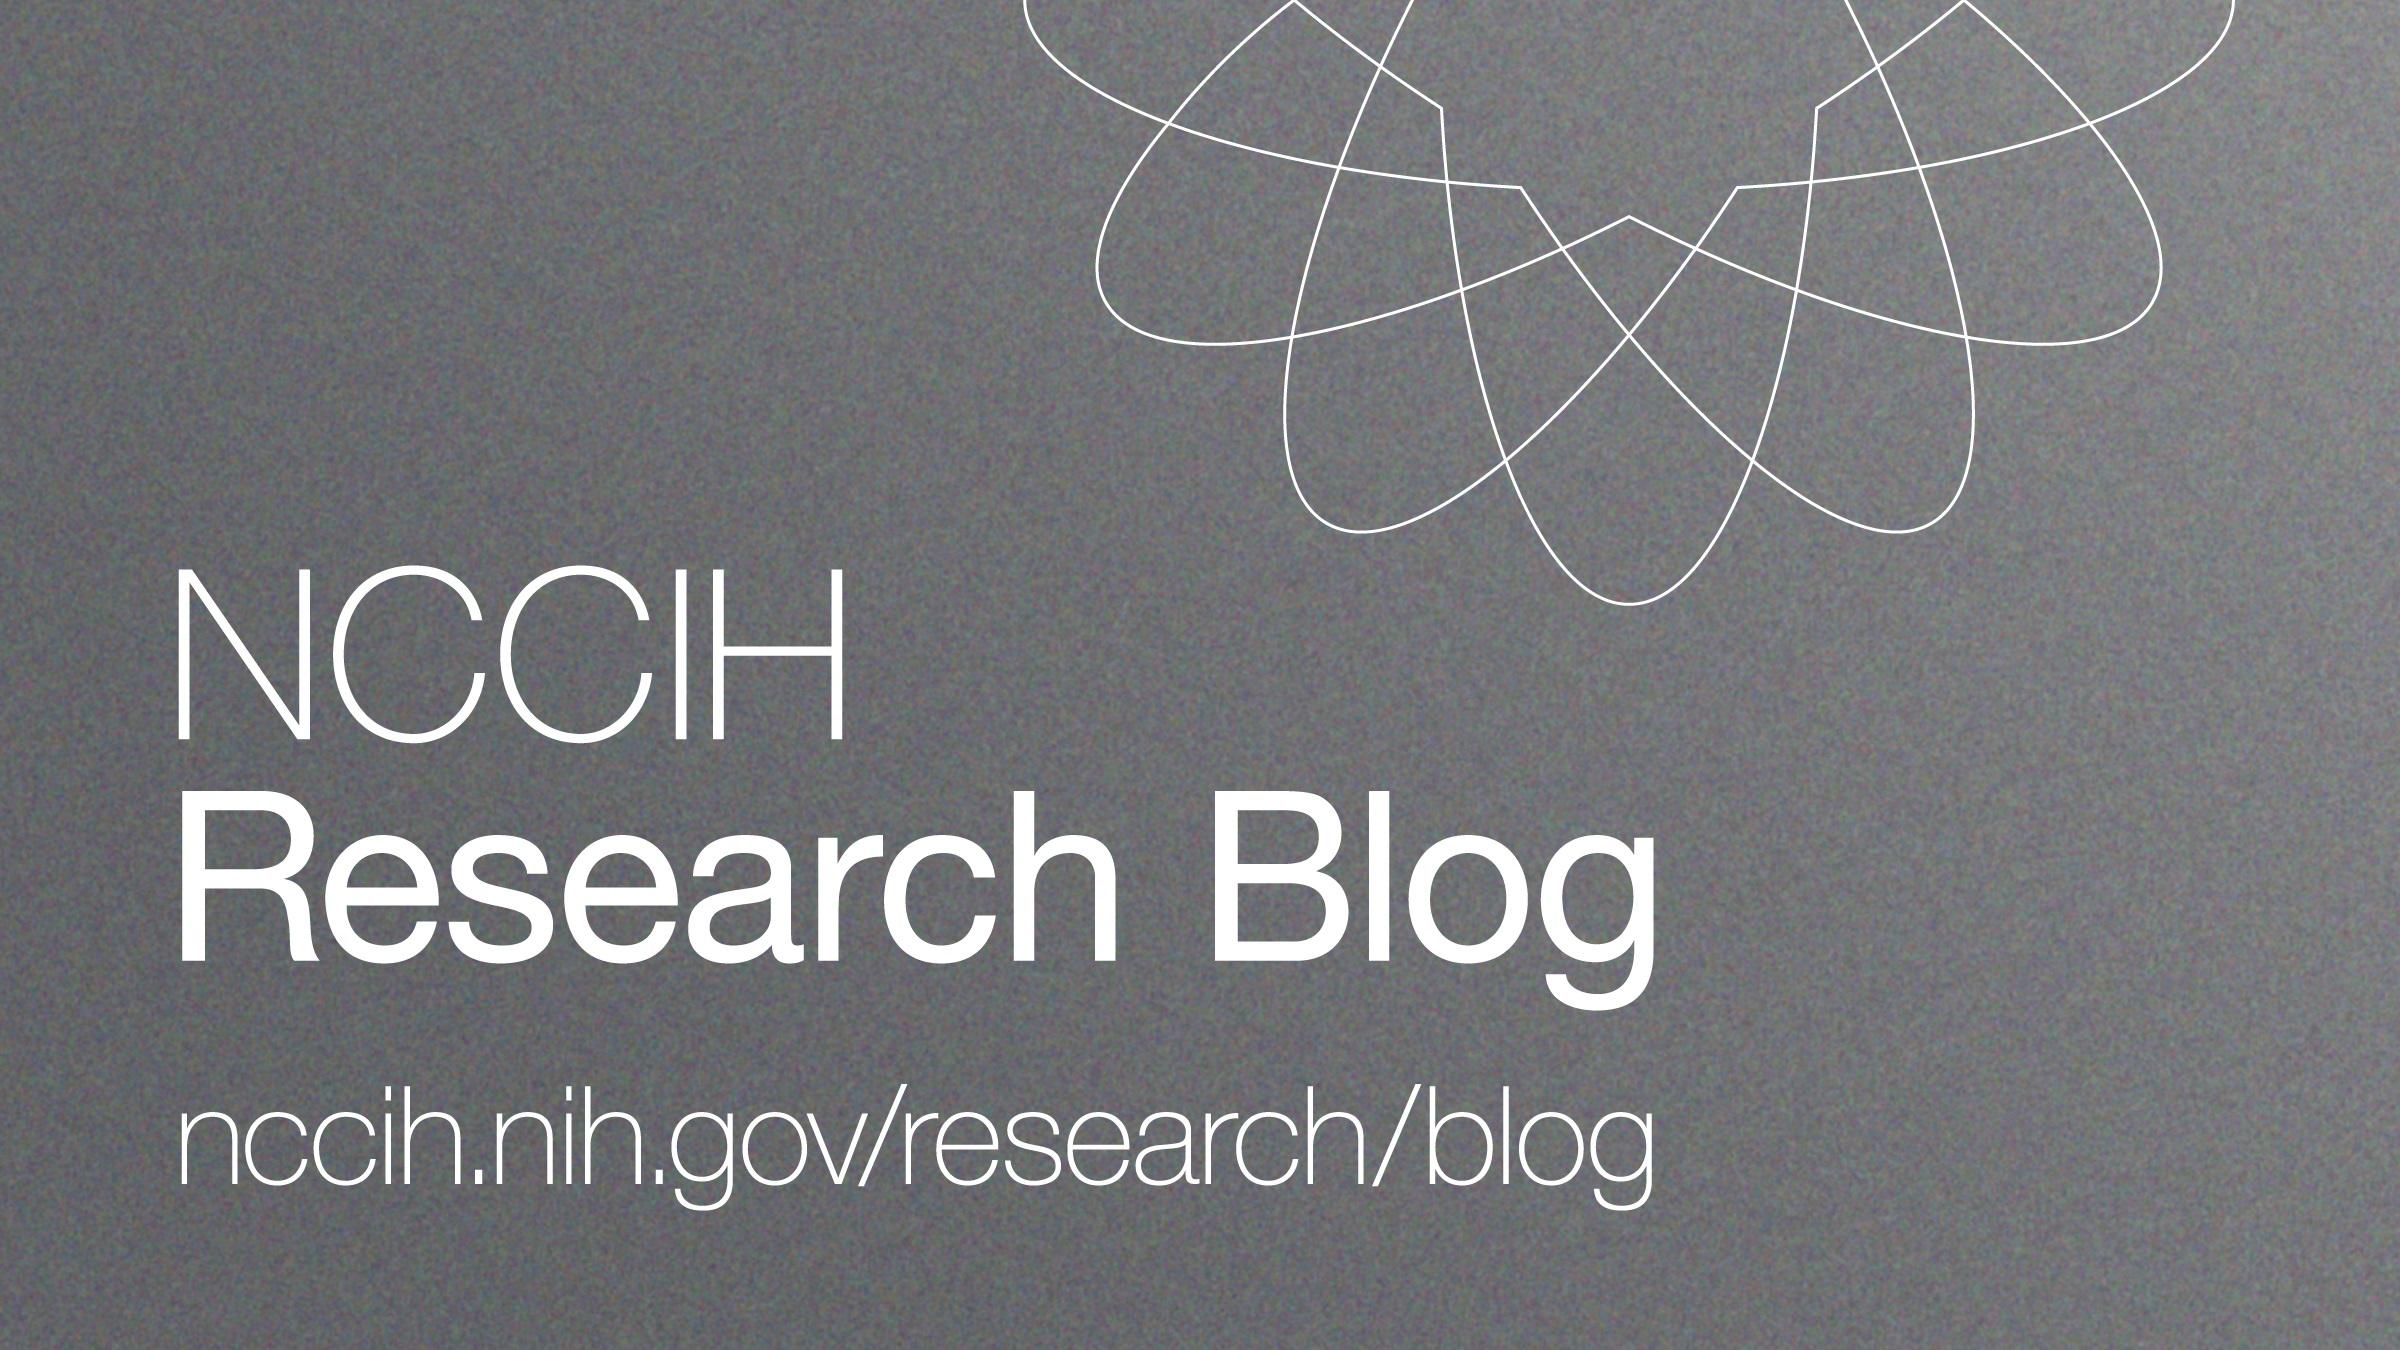 NCCIH Research Blog | NCCIH